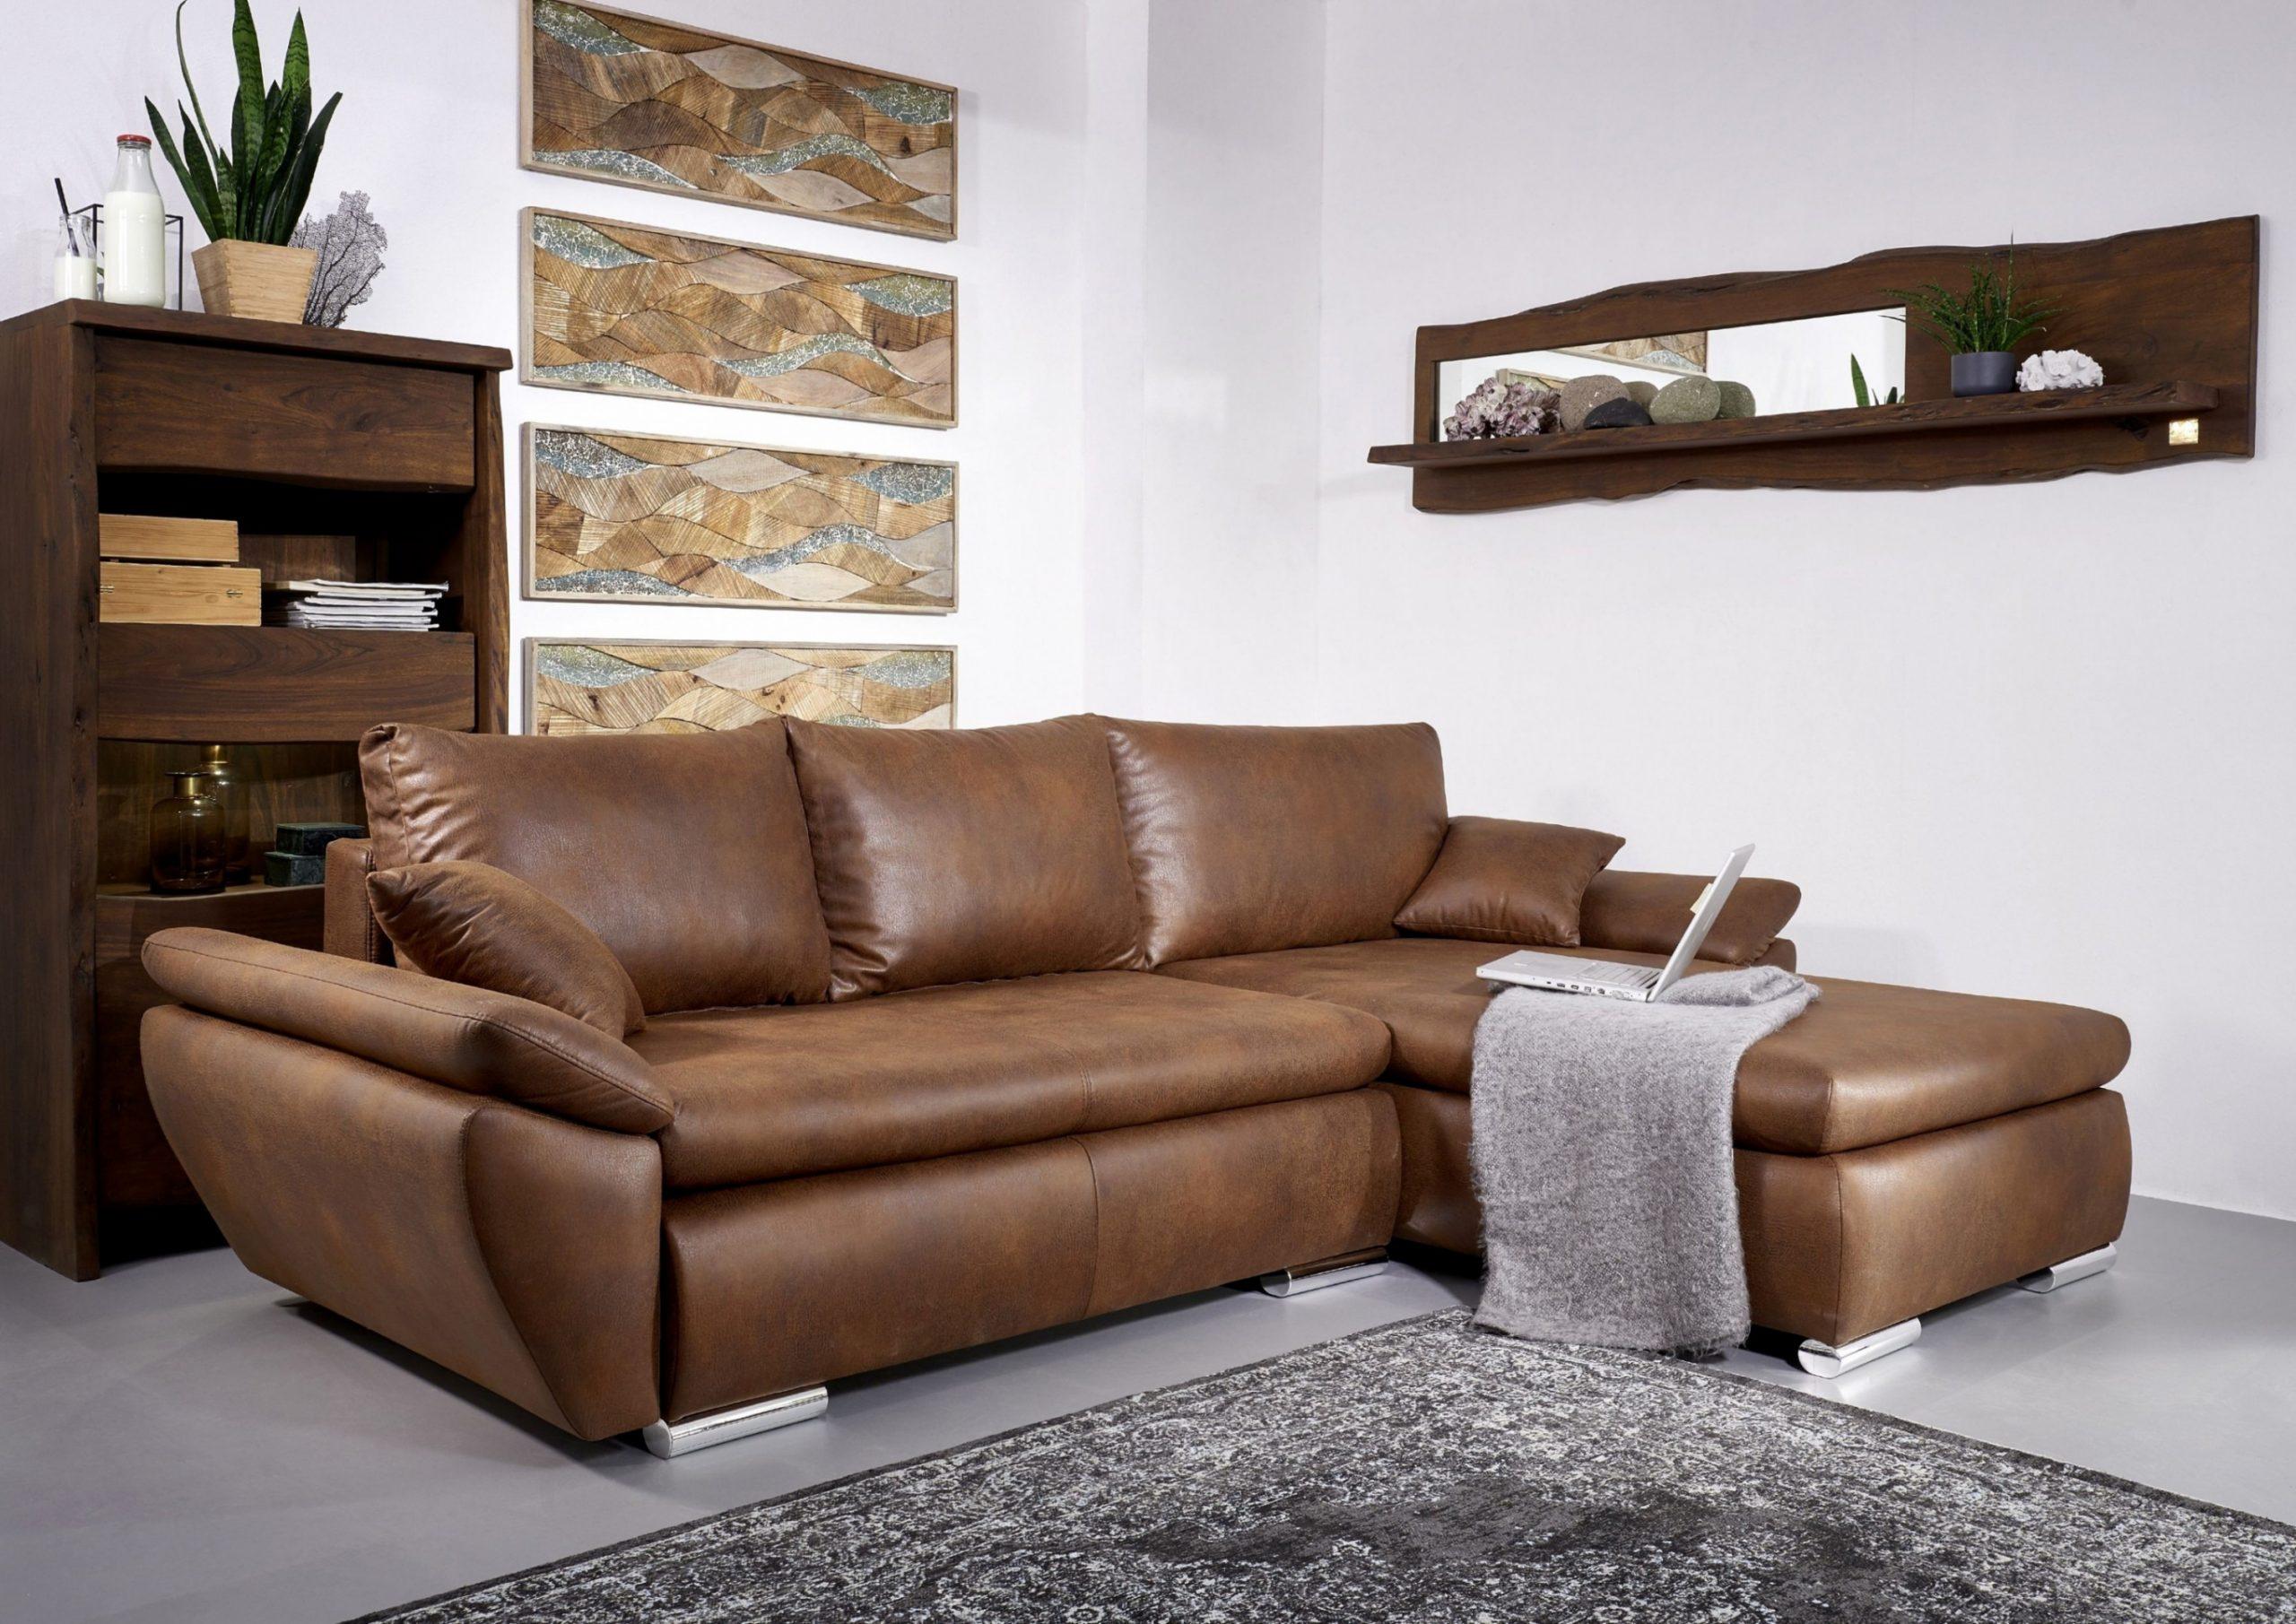 Full Size of Wie Dekorieren Ein Wohnzimmer Mit Einem Roten Sofa überraschend   Wohnideen Kleines Wohnzimmer Wohnzimmer Sofa Kleines Wohnzimmer